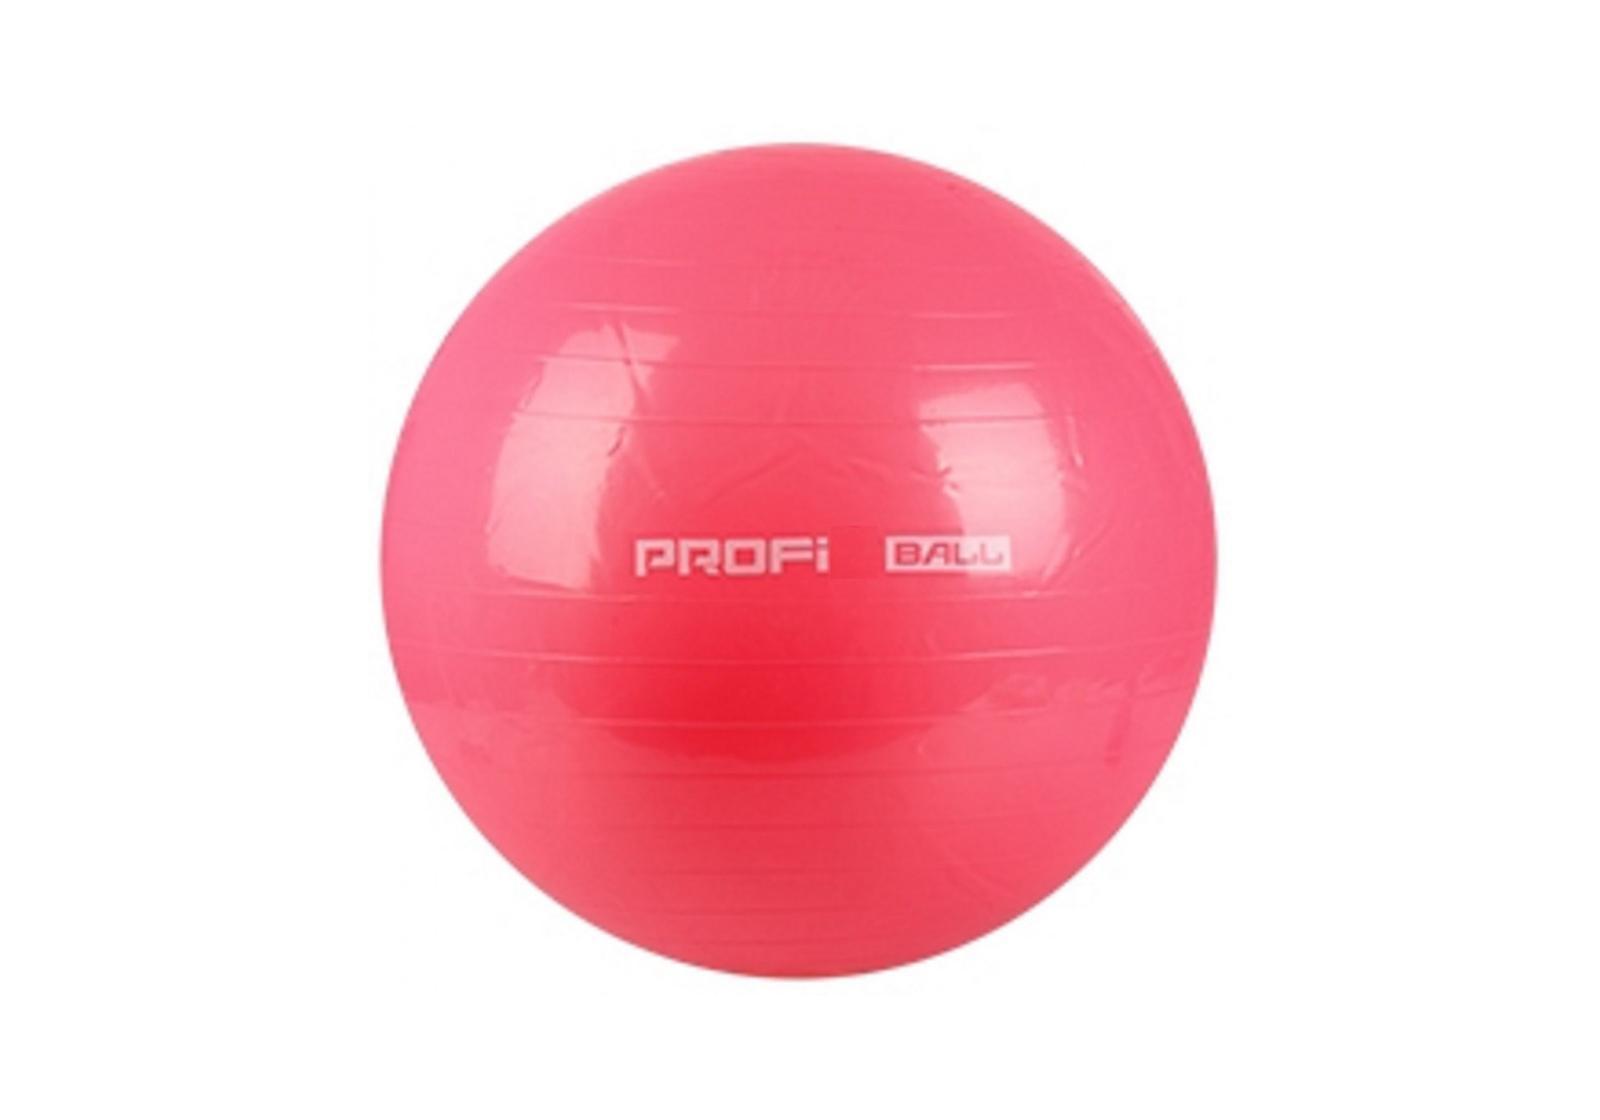 fitbol-myach-dlya-fitnesa-i-jogi-profitball-75-sm-4.jpg